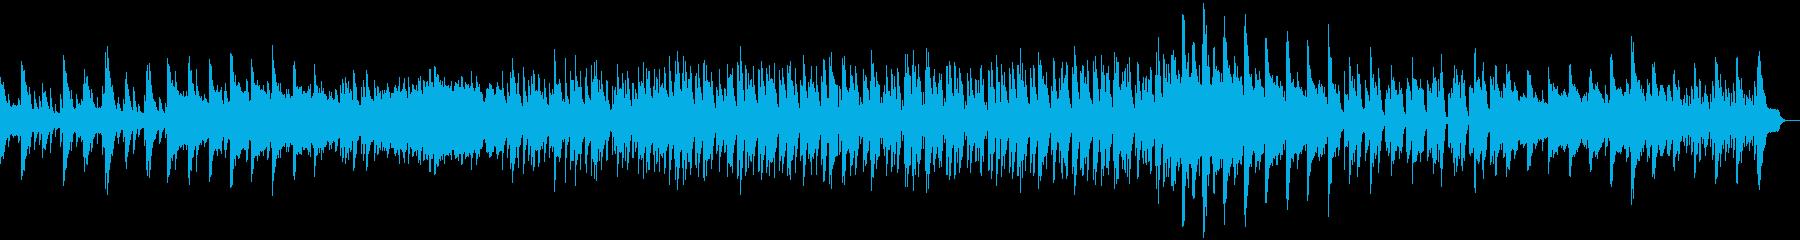 王道のポップス系ピアノソングの再生済みの波形